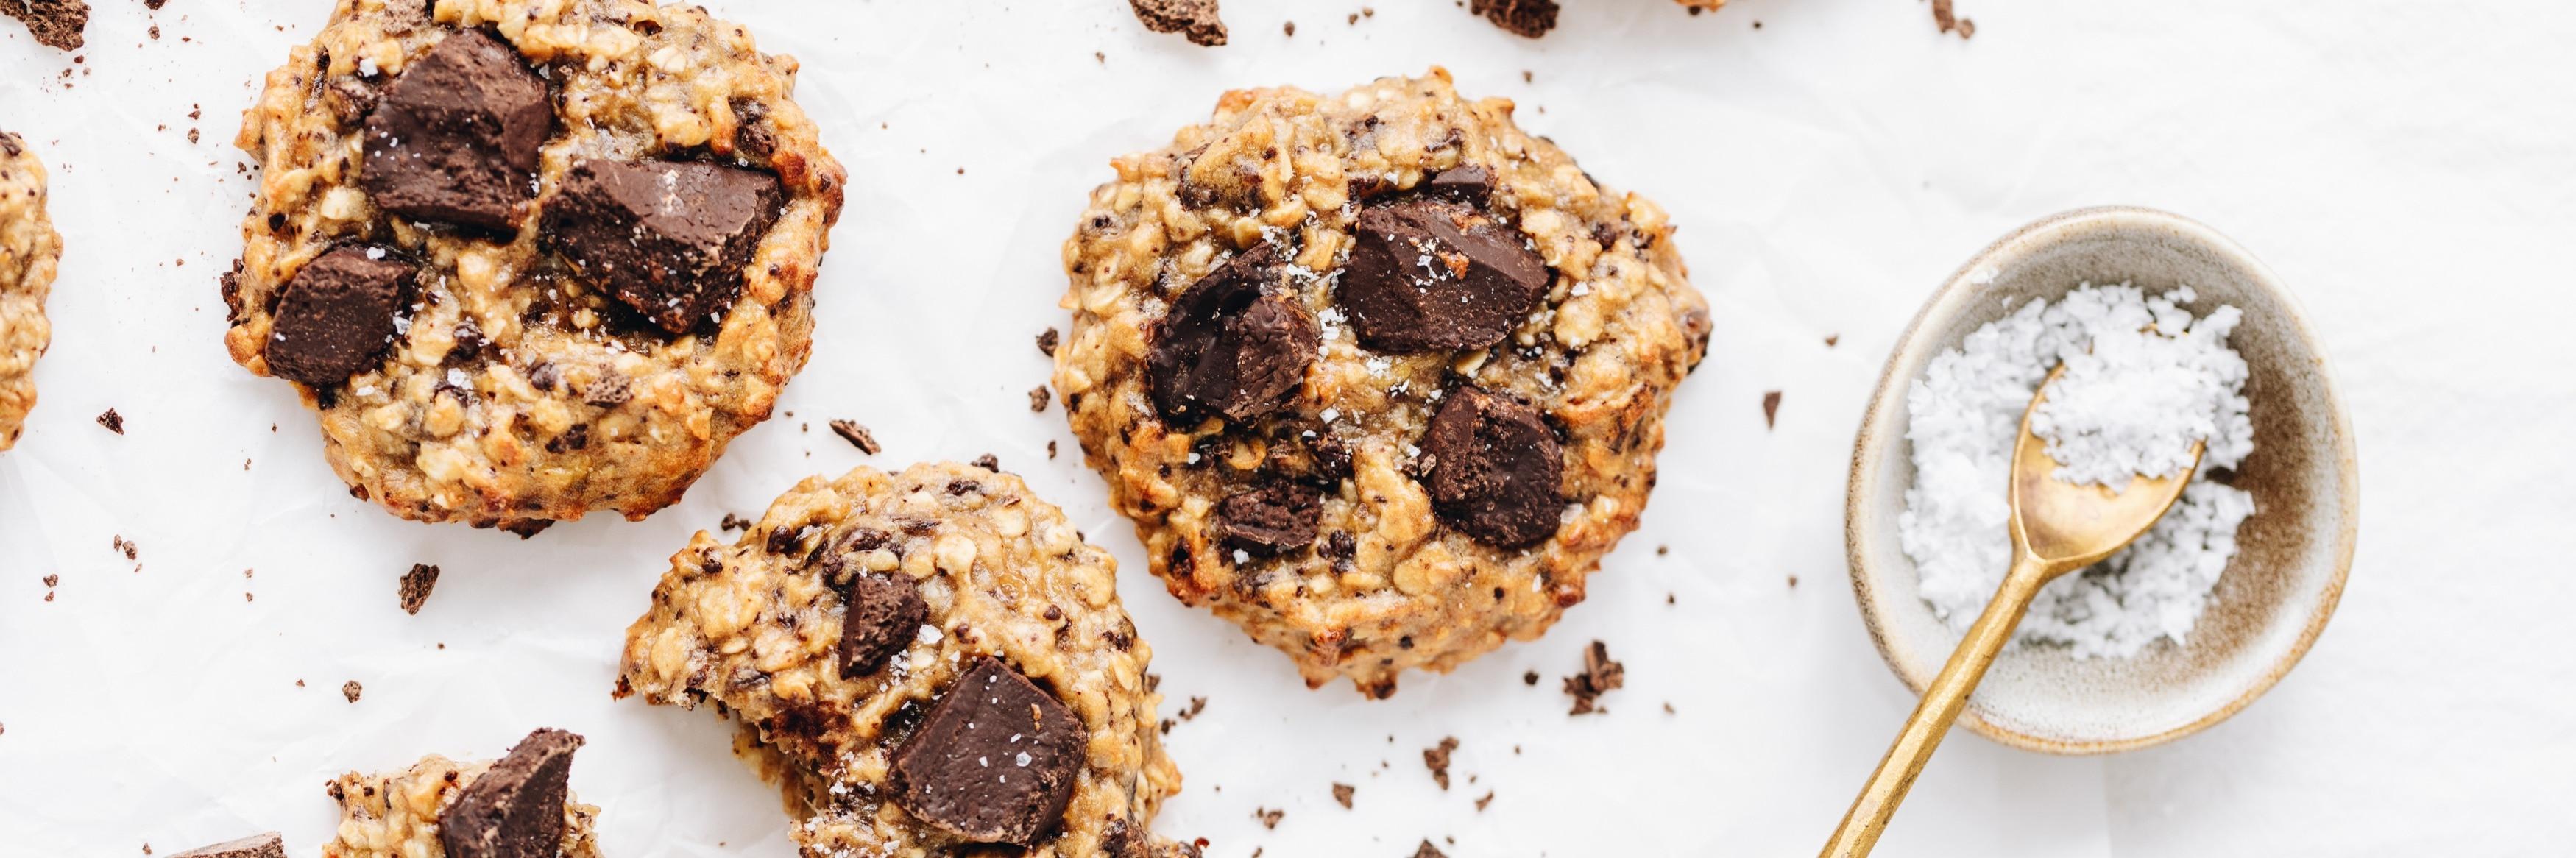 Five Ingredient Protein Cookies Recipe